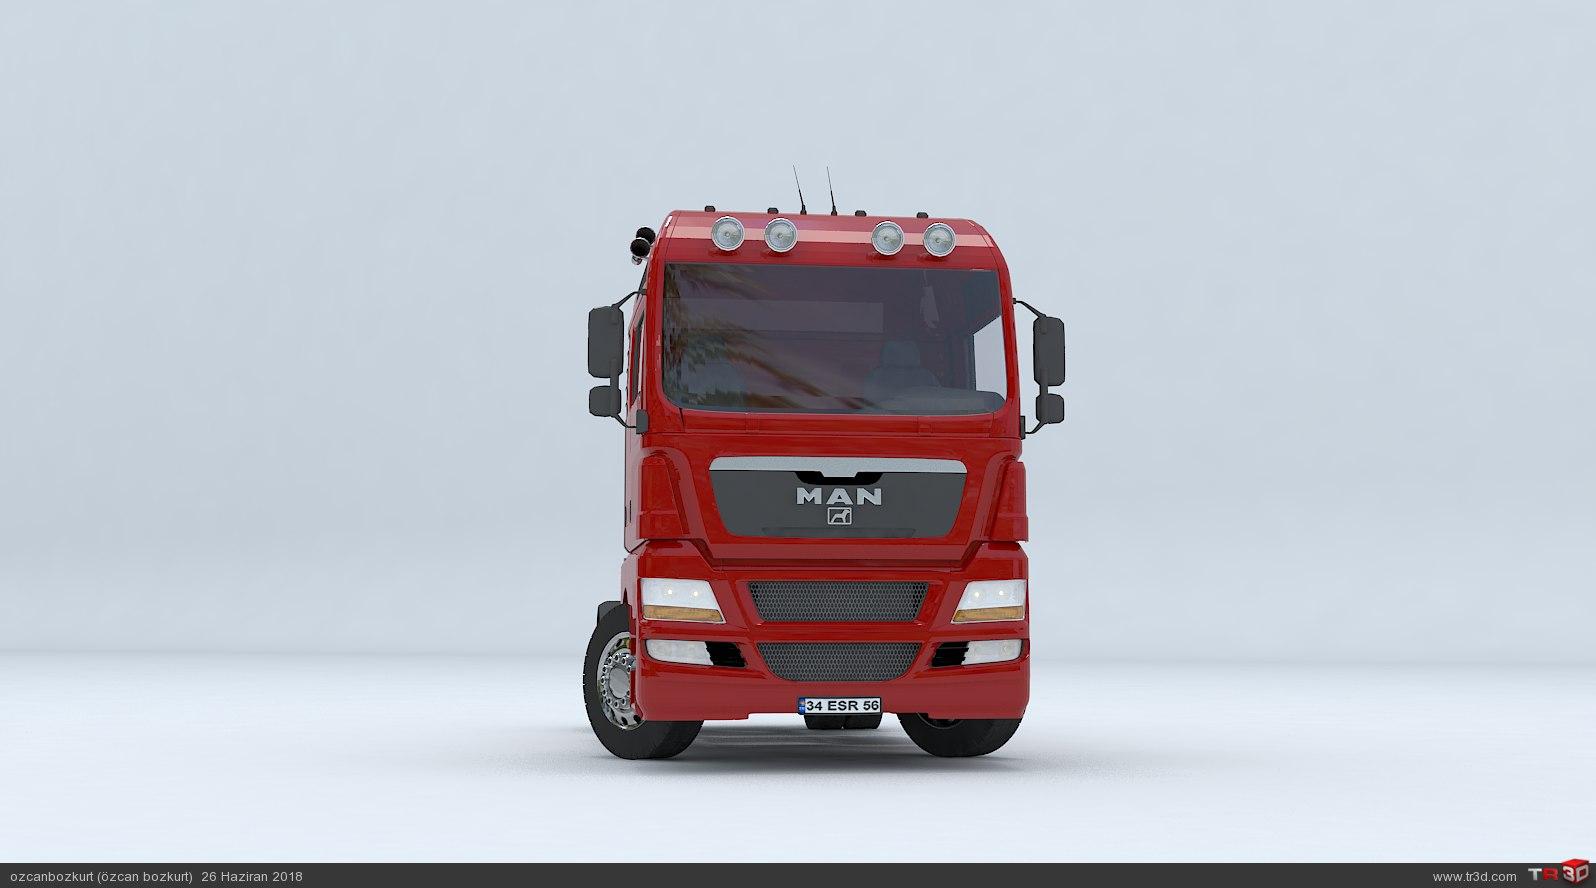 MAN TGX D38 TRUCK - Tractor